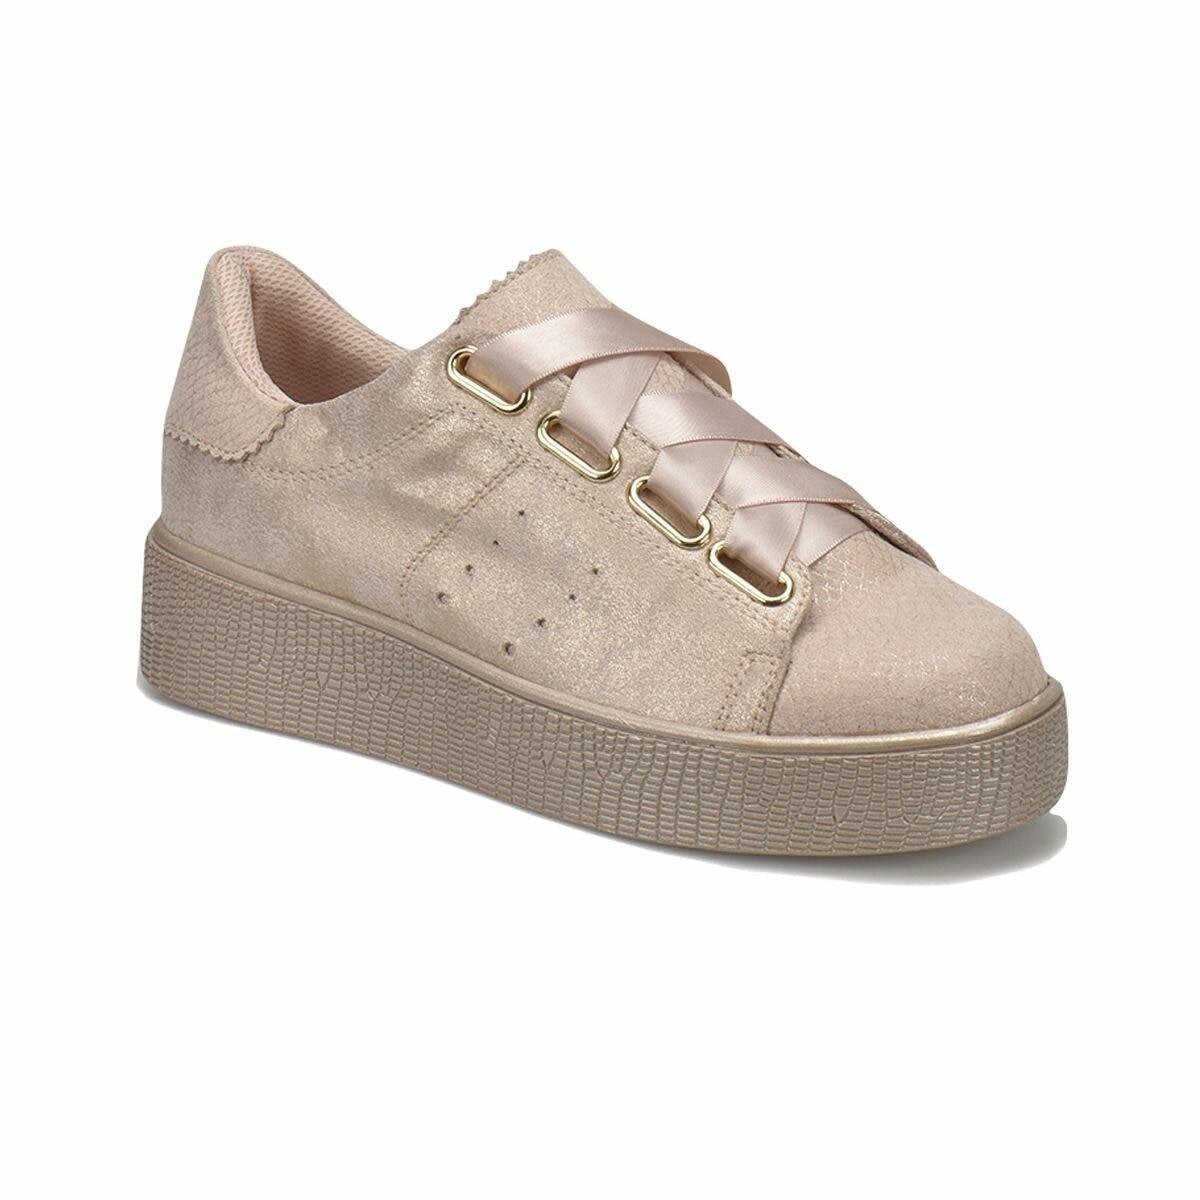 FLO 18S-S018-24-1 Powder Women 'S Shoes BUTIGO